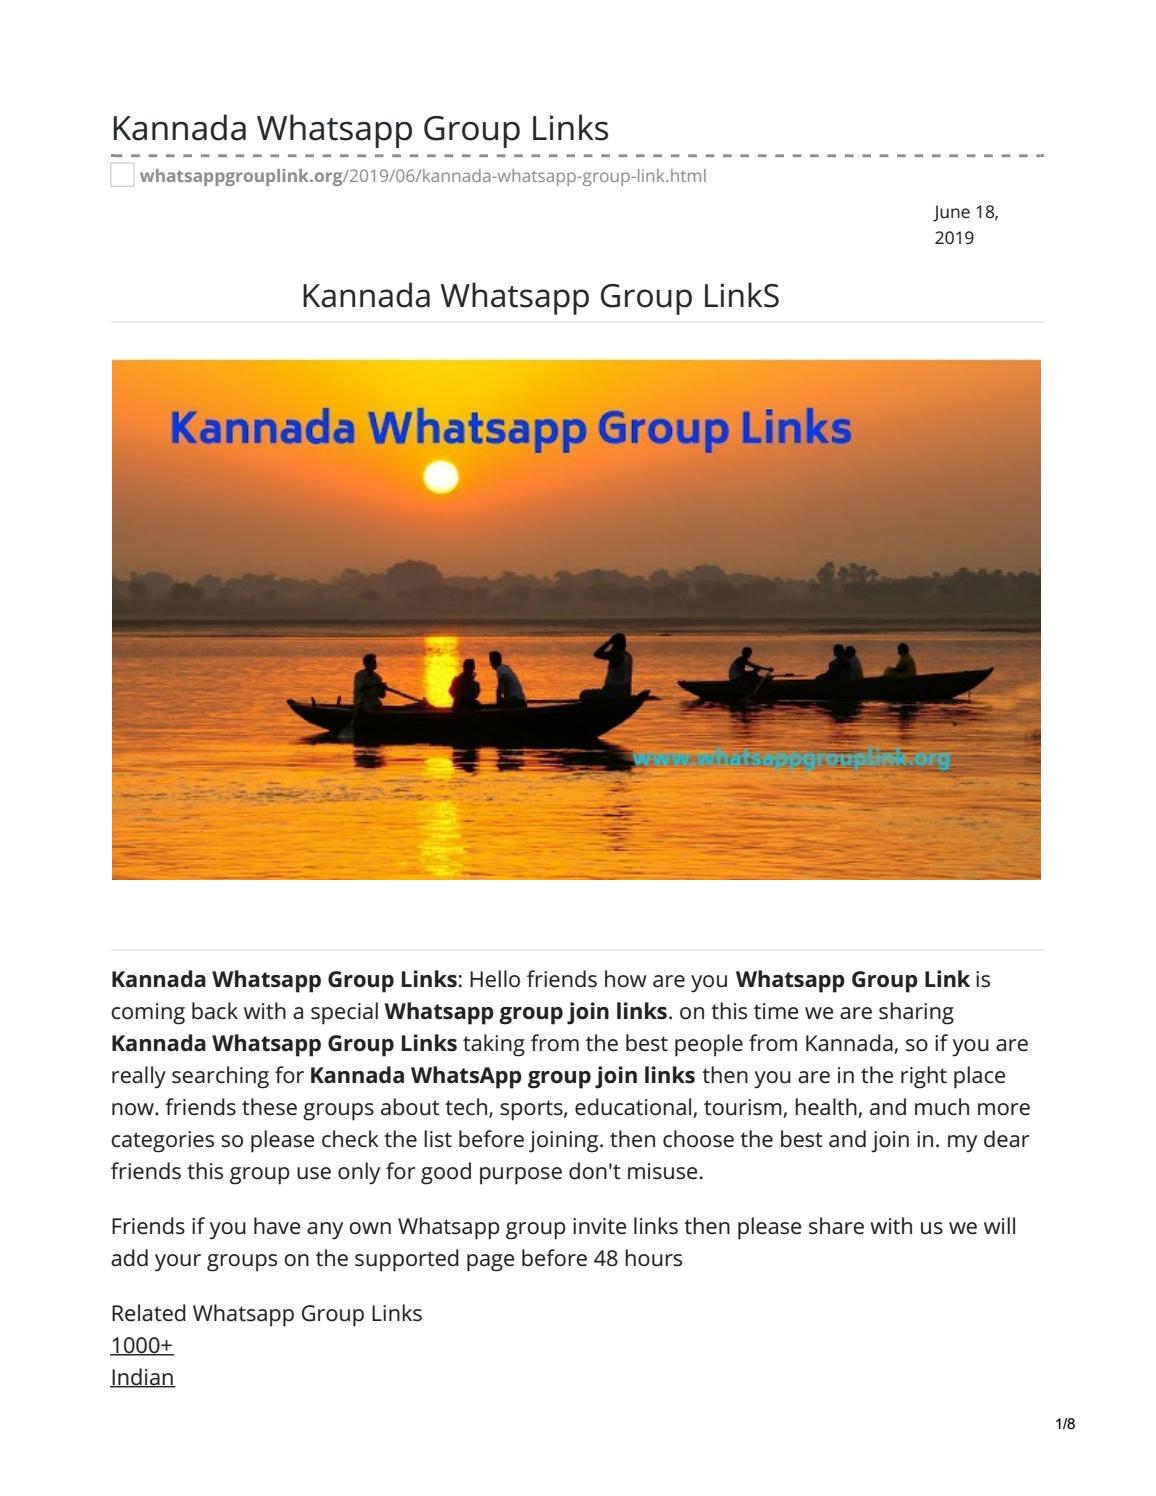 Kannada Whatsapp Group LinkS by whatsappgrouplinks77 - issuu